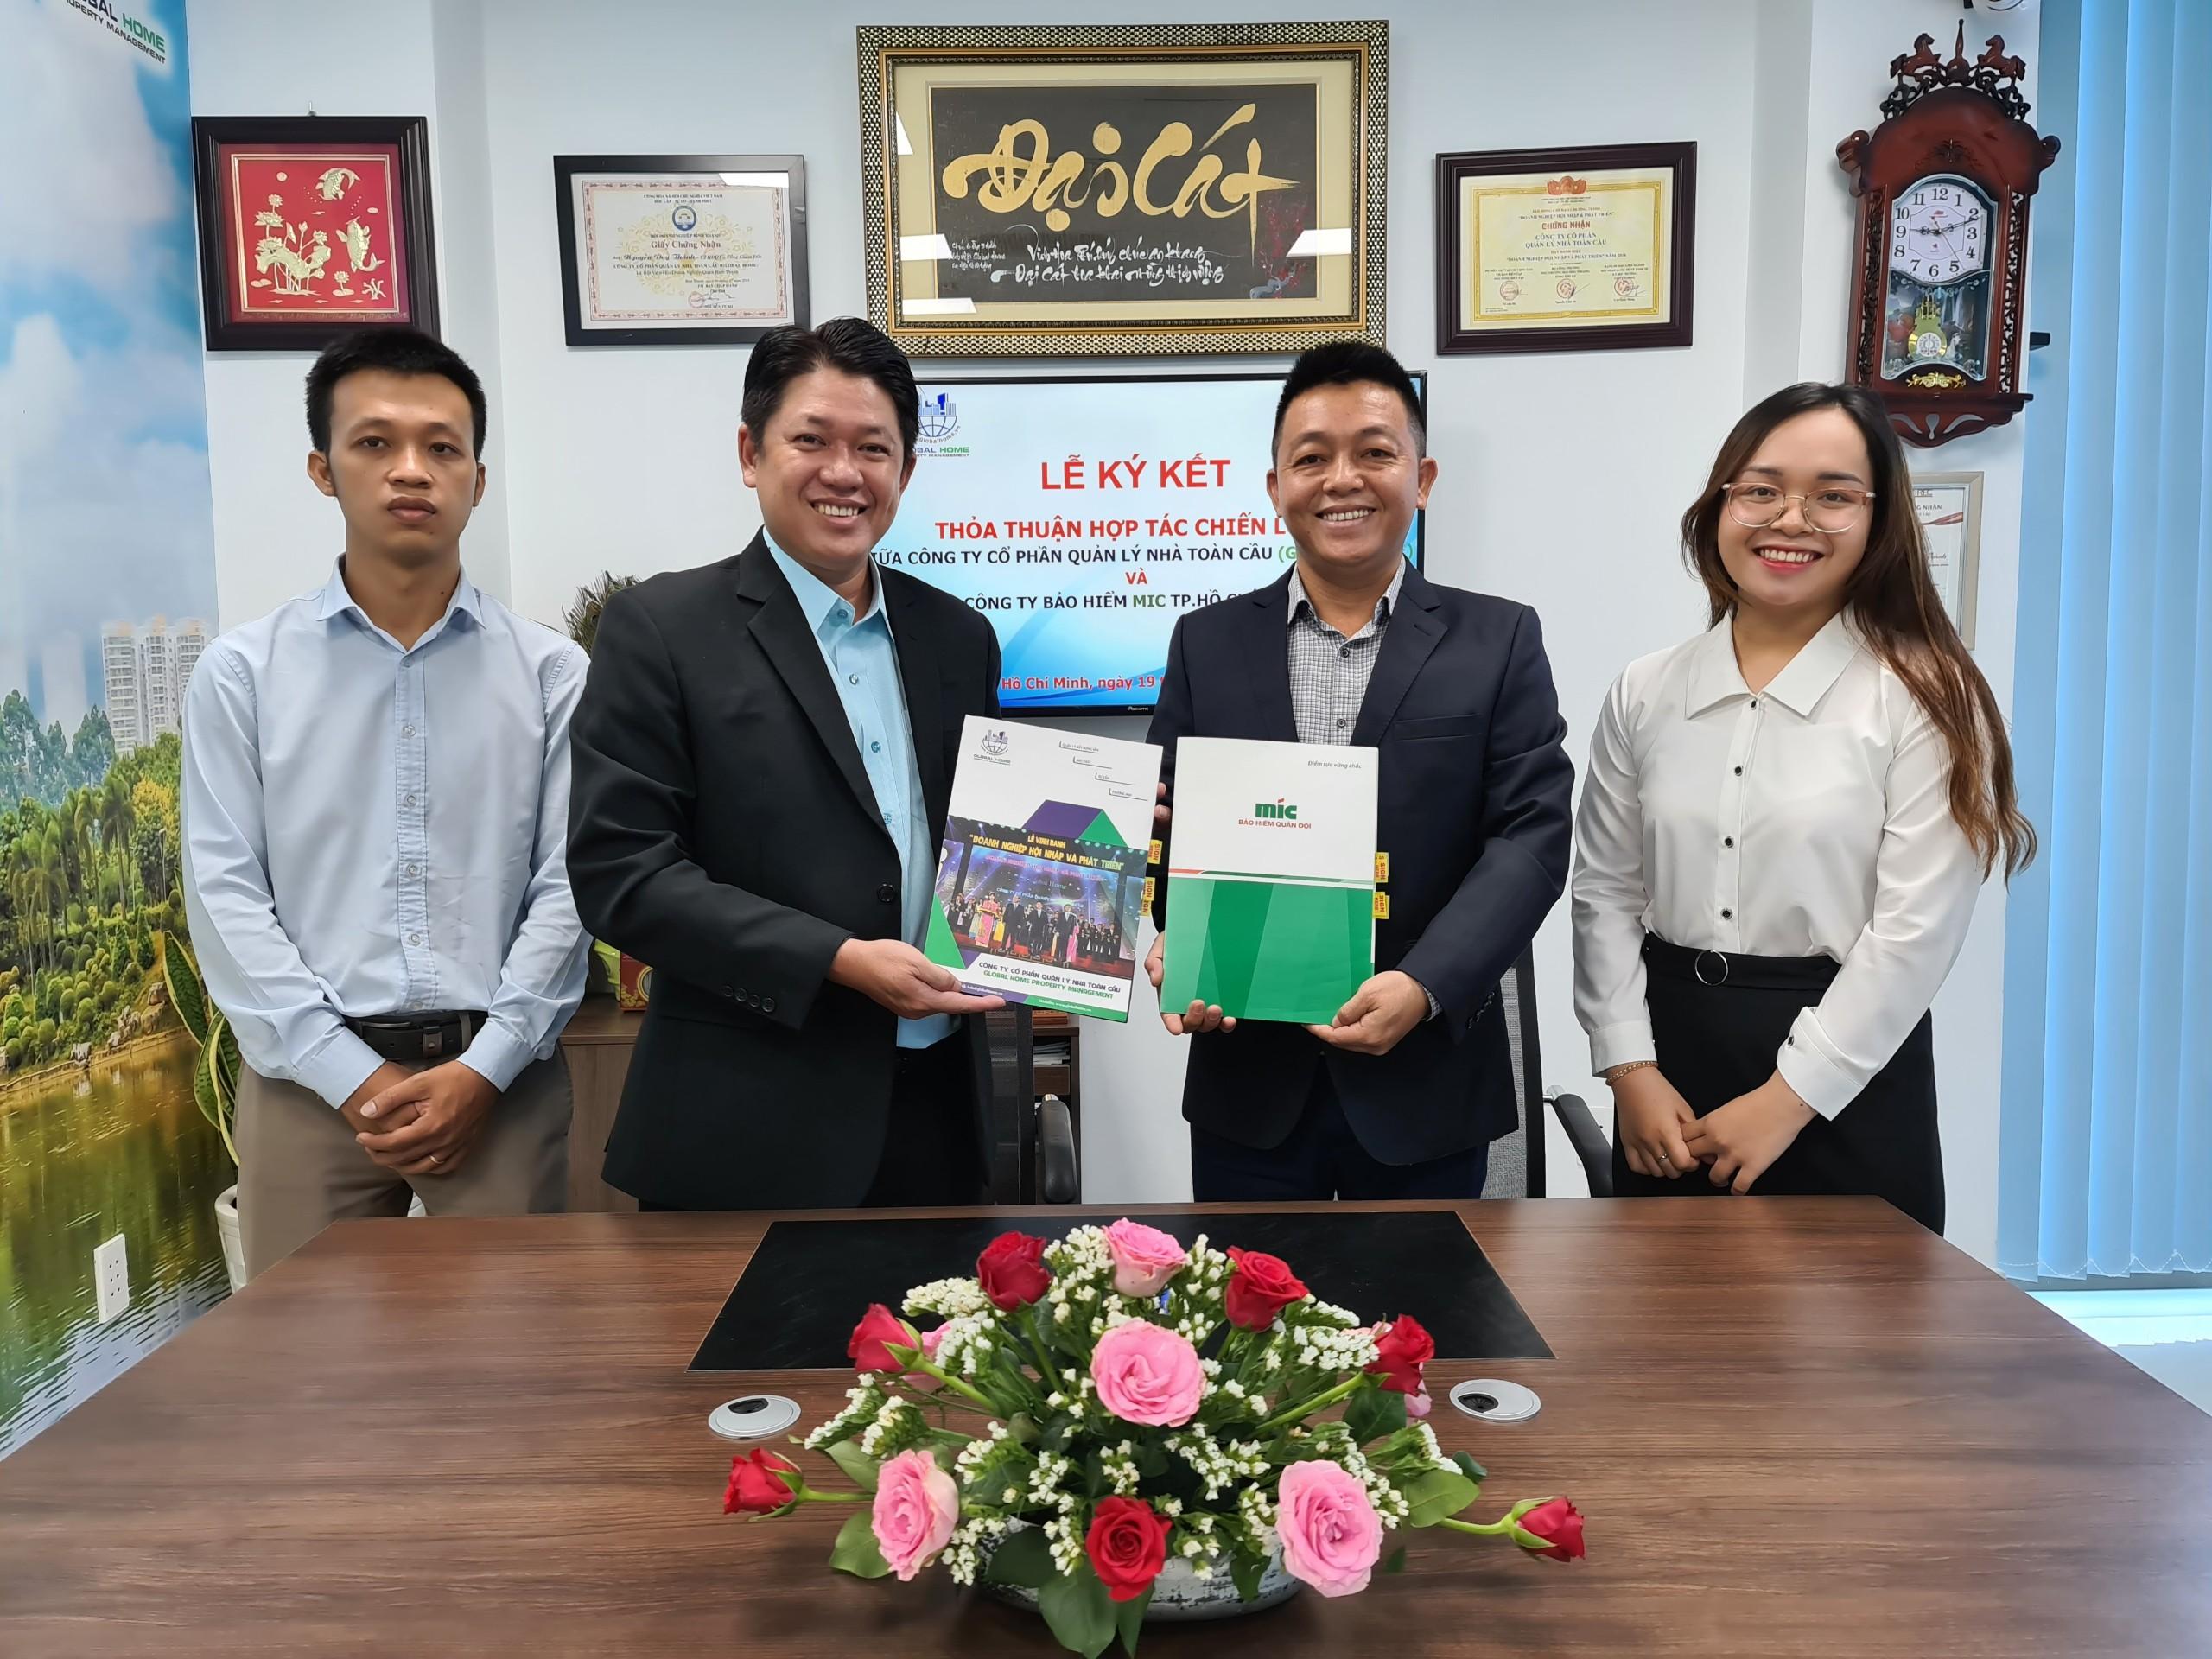 Global Home ký kết thỏa thuận hợp tác chiến lược phân phối bảo hiểm cho cư dân sống tại chung cư 2